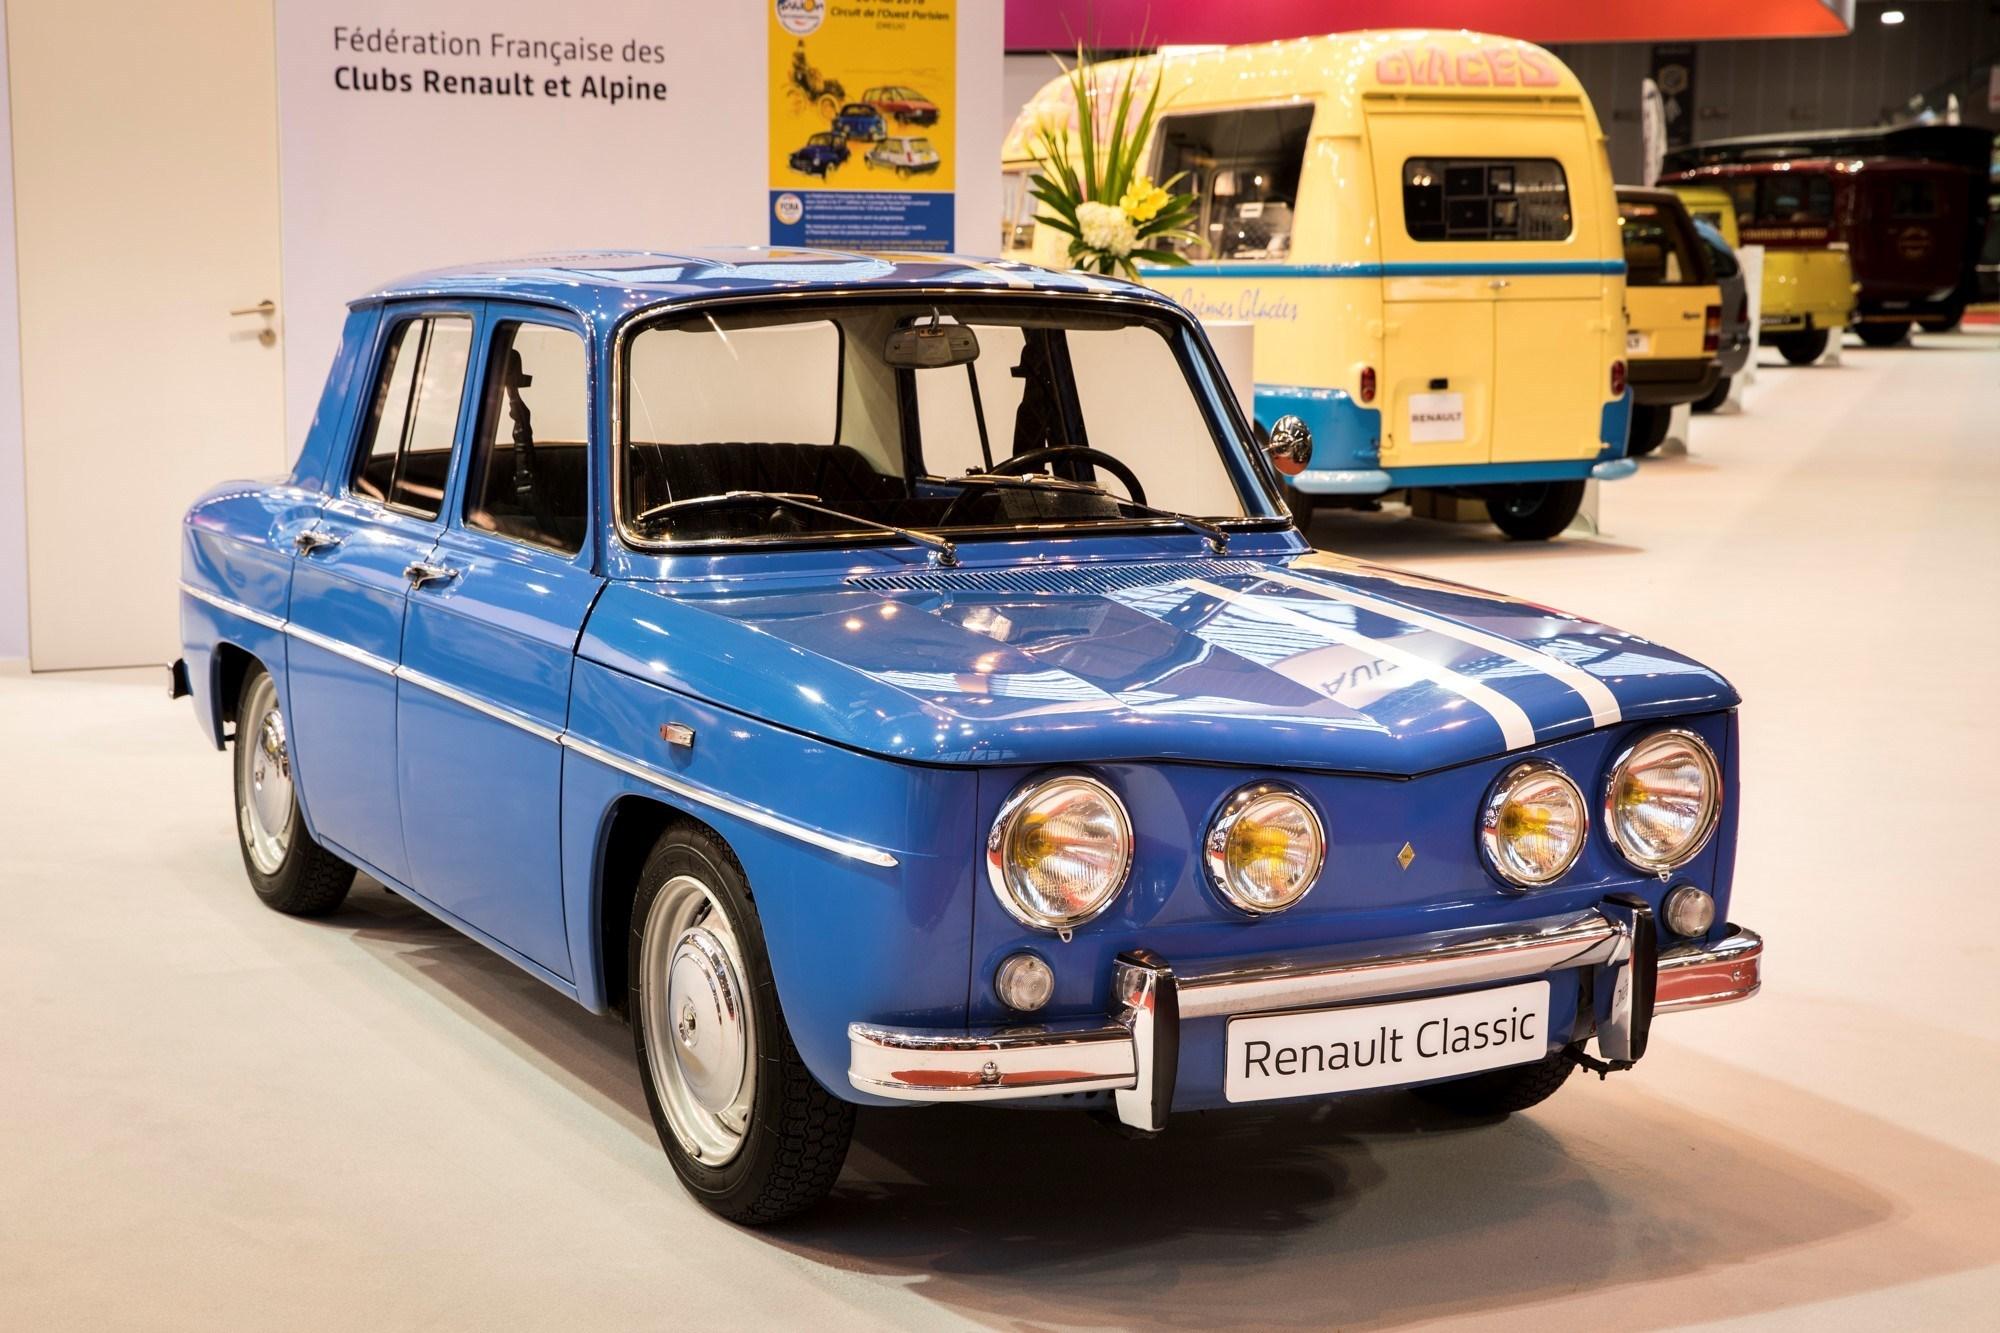 H Renault γιορτάζει στην Retromobile 2018 στο Παρίσι τα 120 χρόνια ιστορίας της